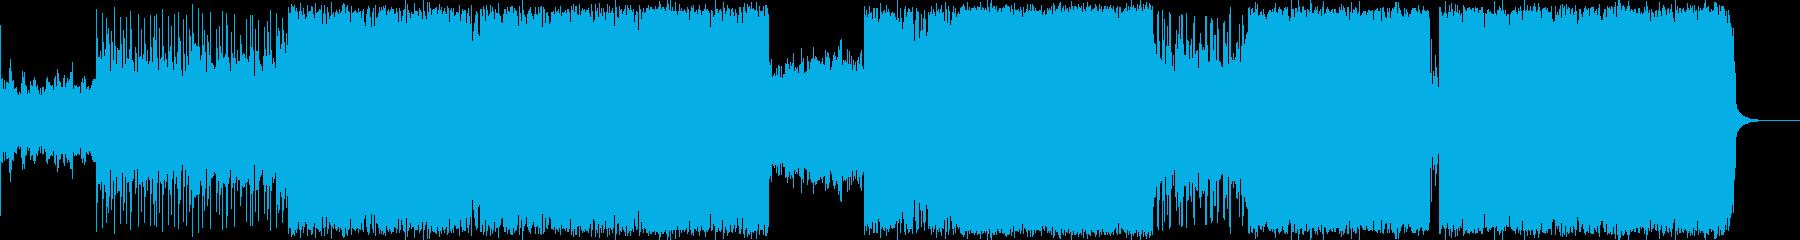 ドラムンベースをミックスしたロックの再生済みの波形